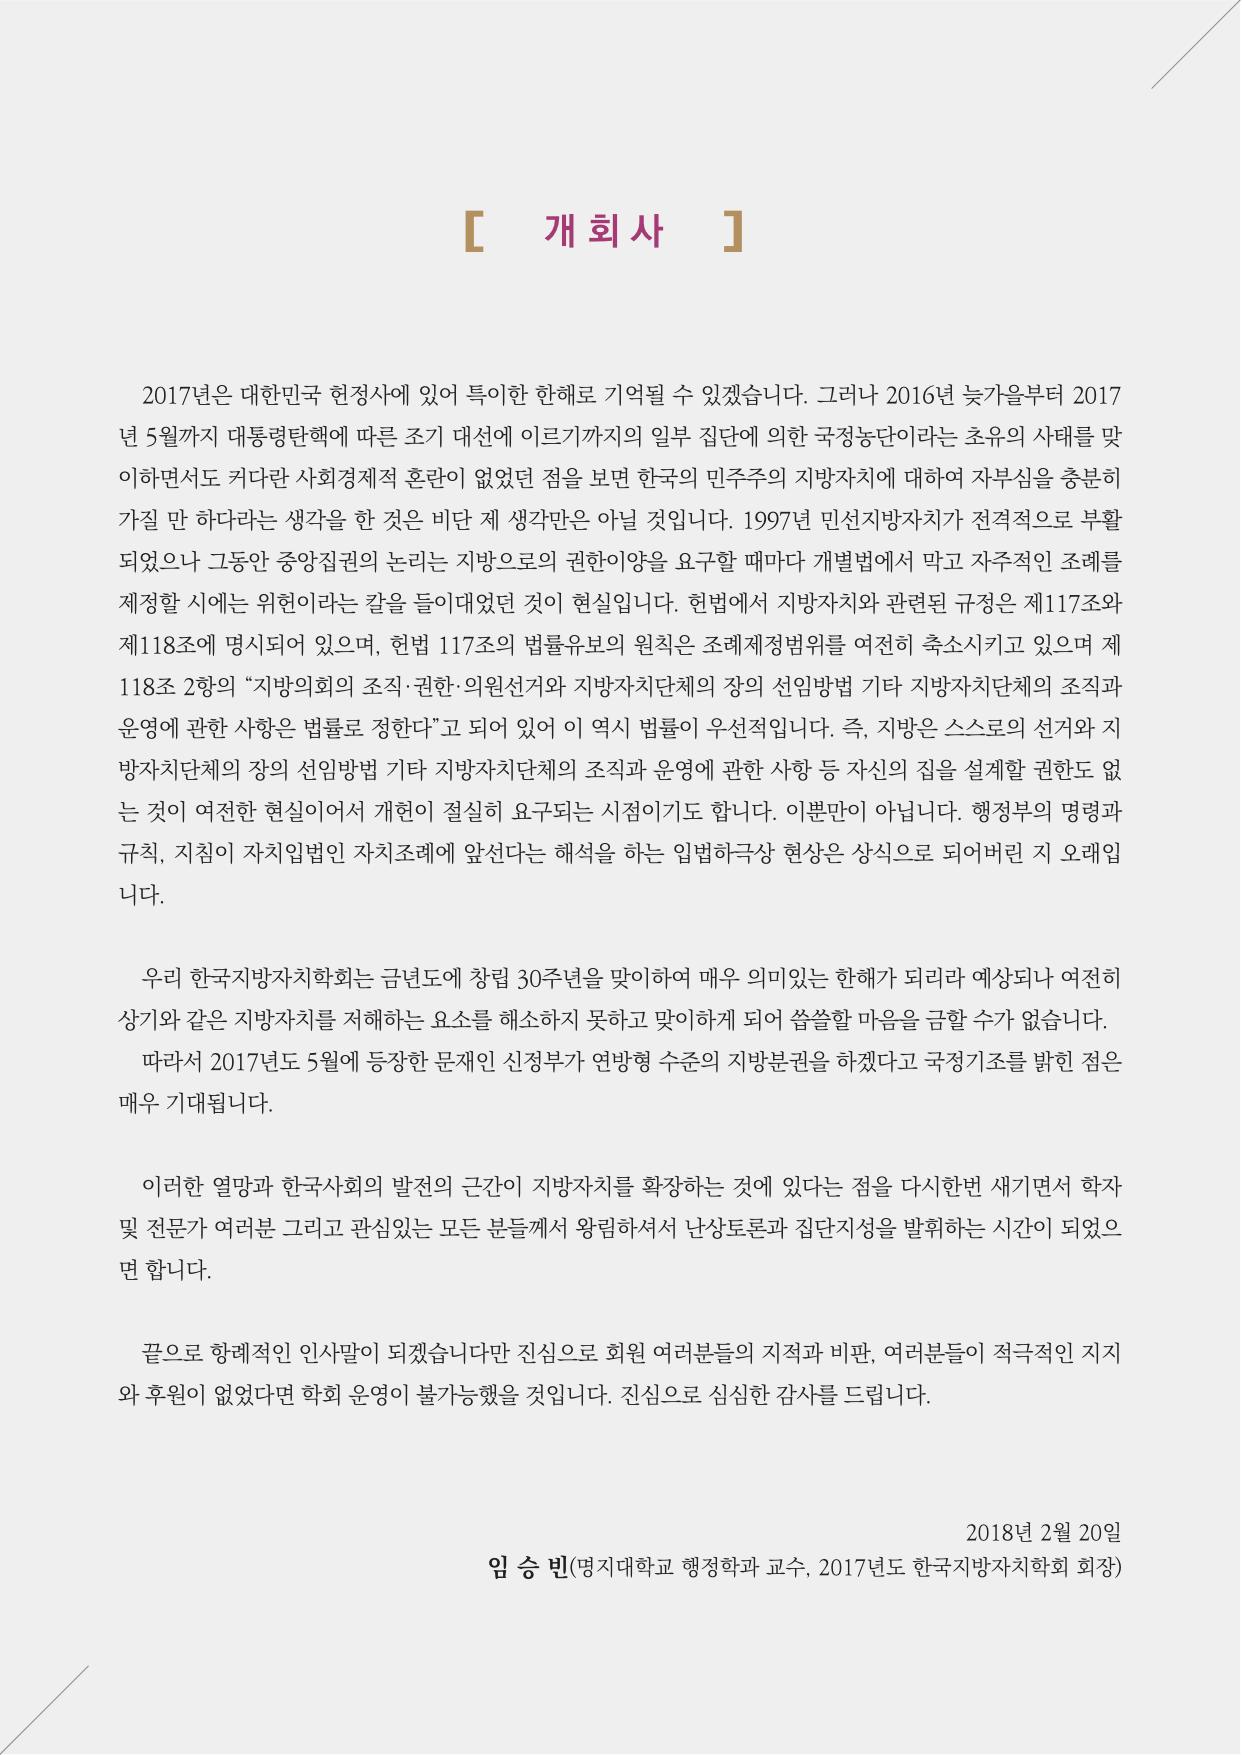 초청장_동계학술대회_한국지방자치학회(최종본)-04.jpg